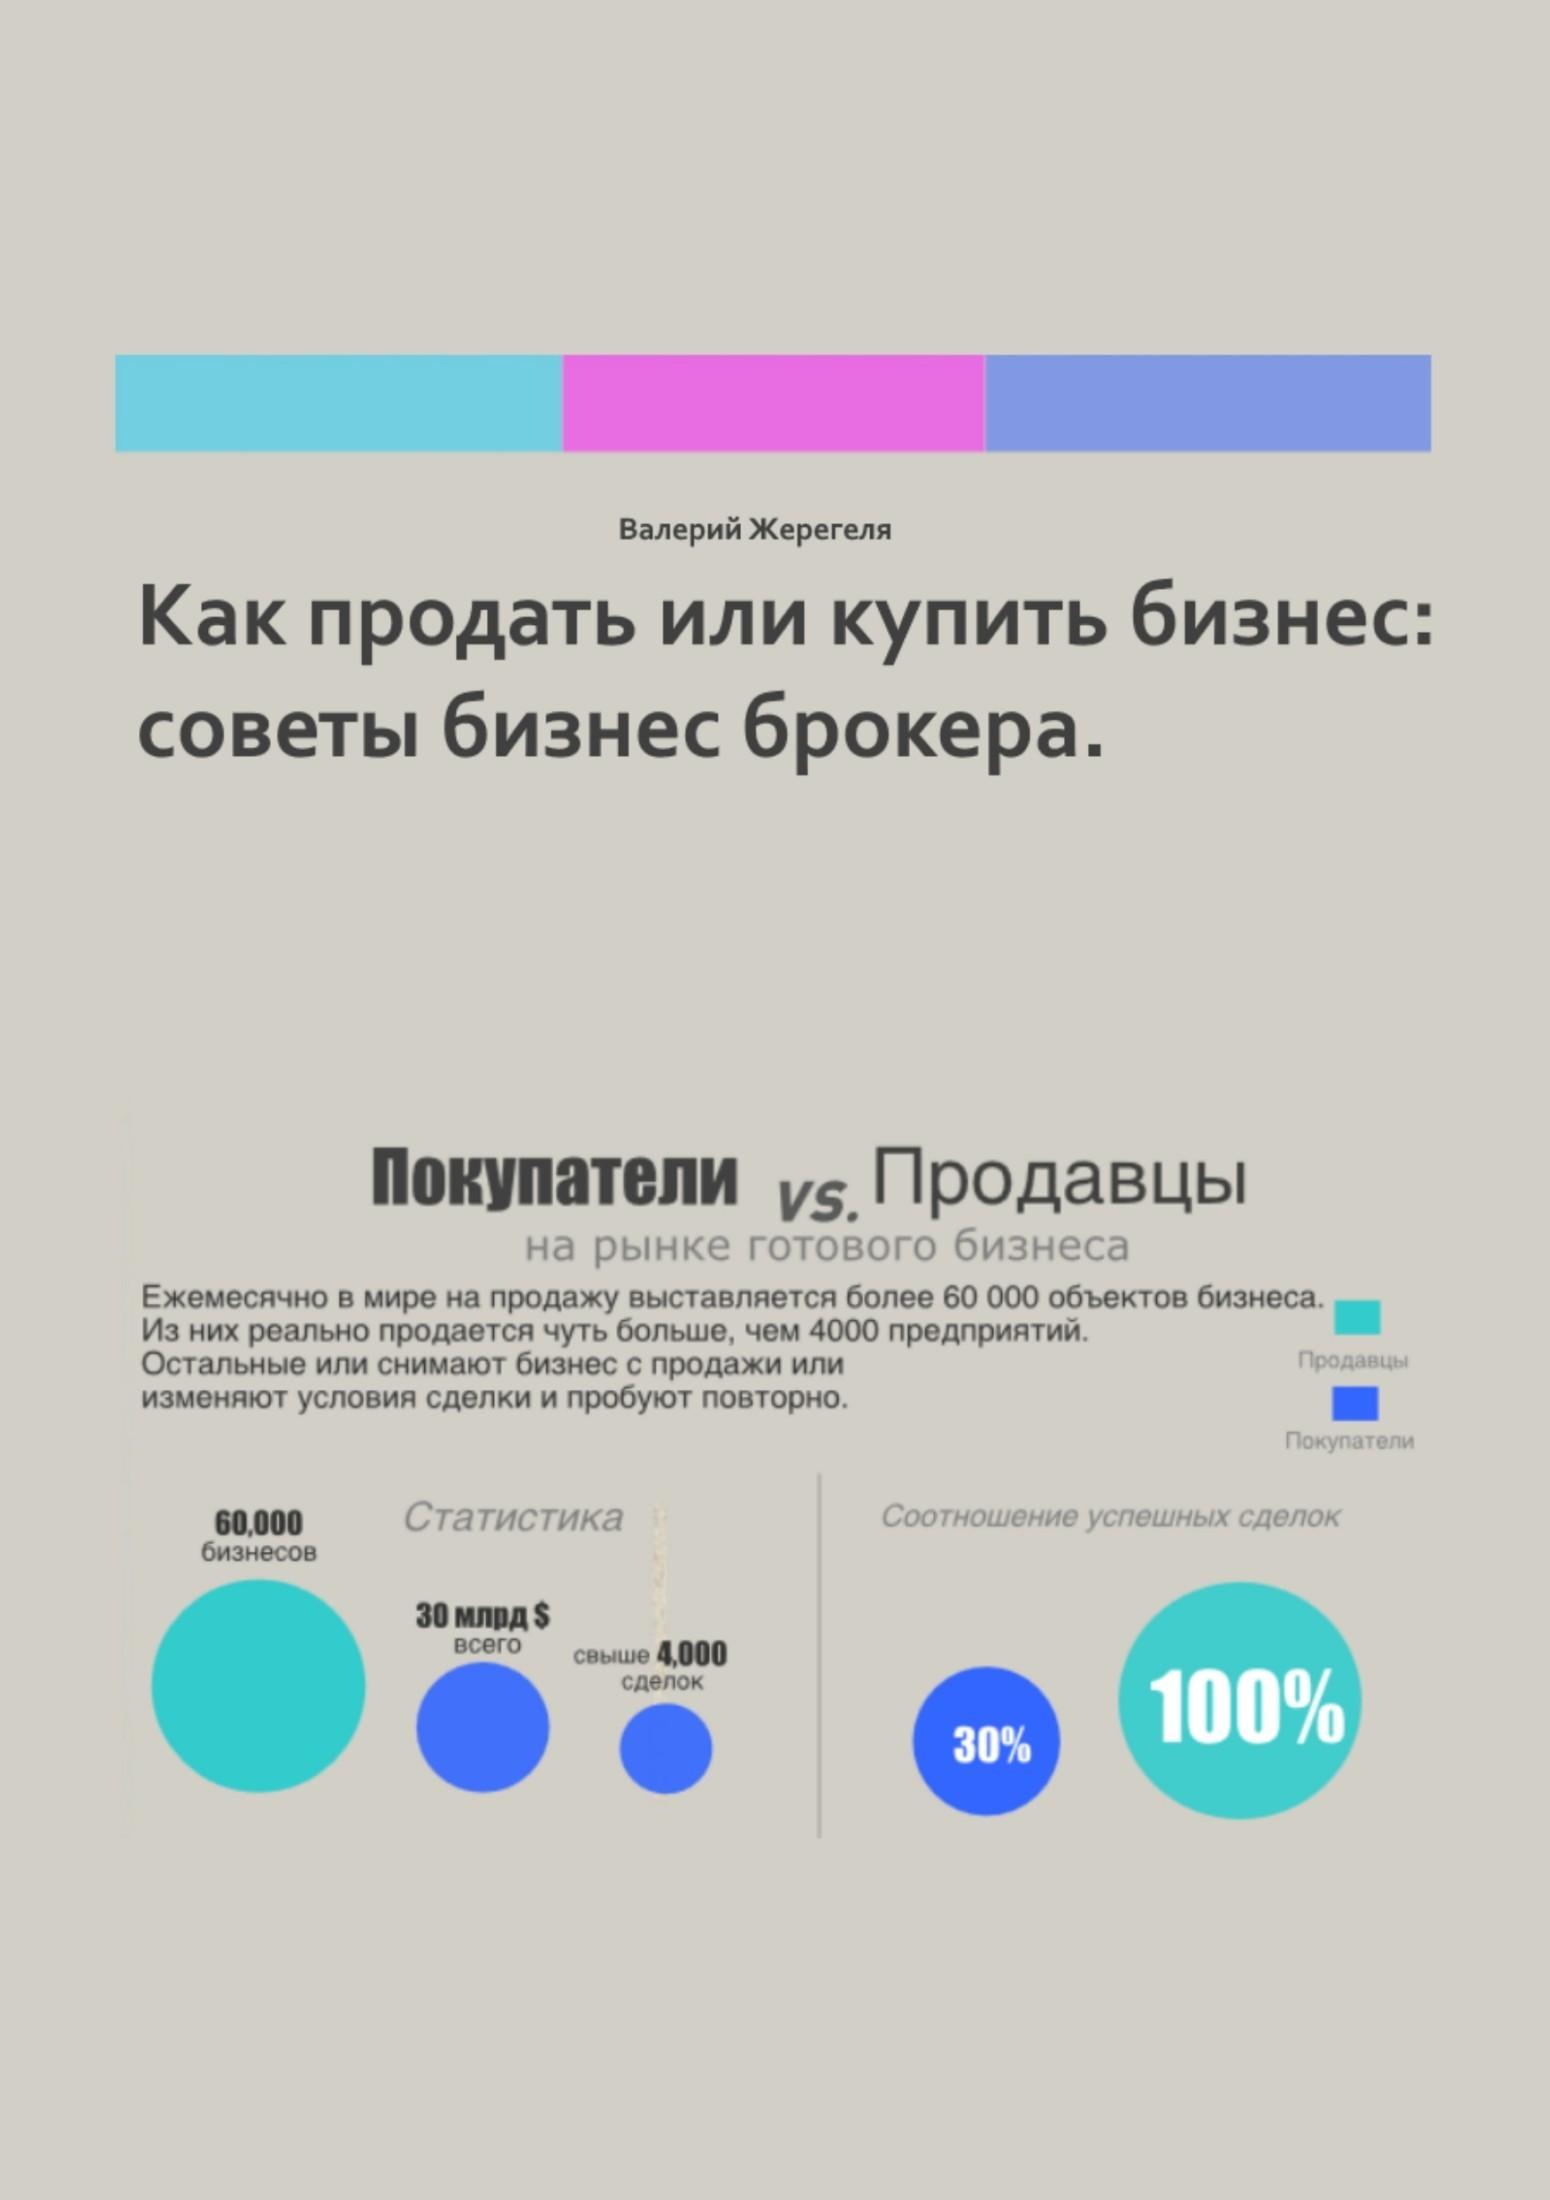 Валерий Александрович Жерегеля Как продать или бизнес: советы бизнес брокера